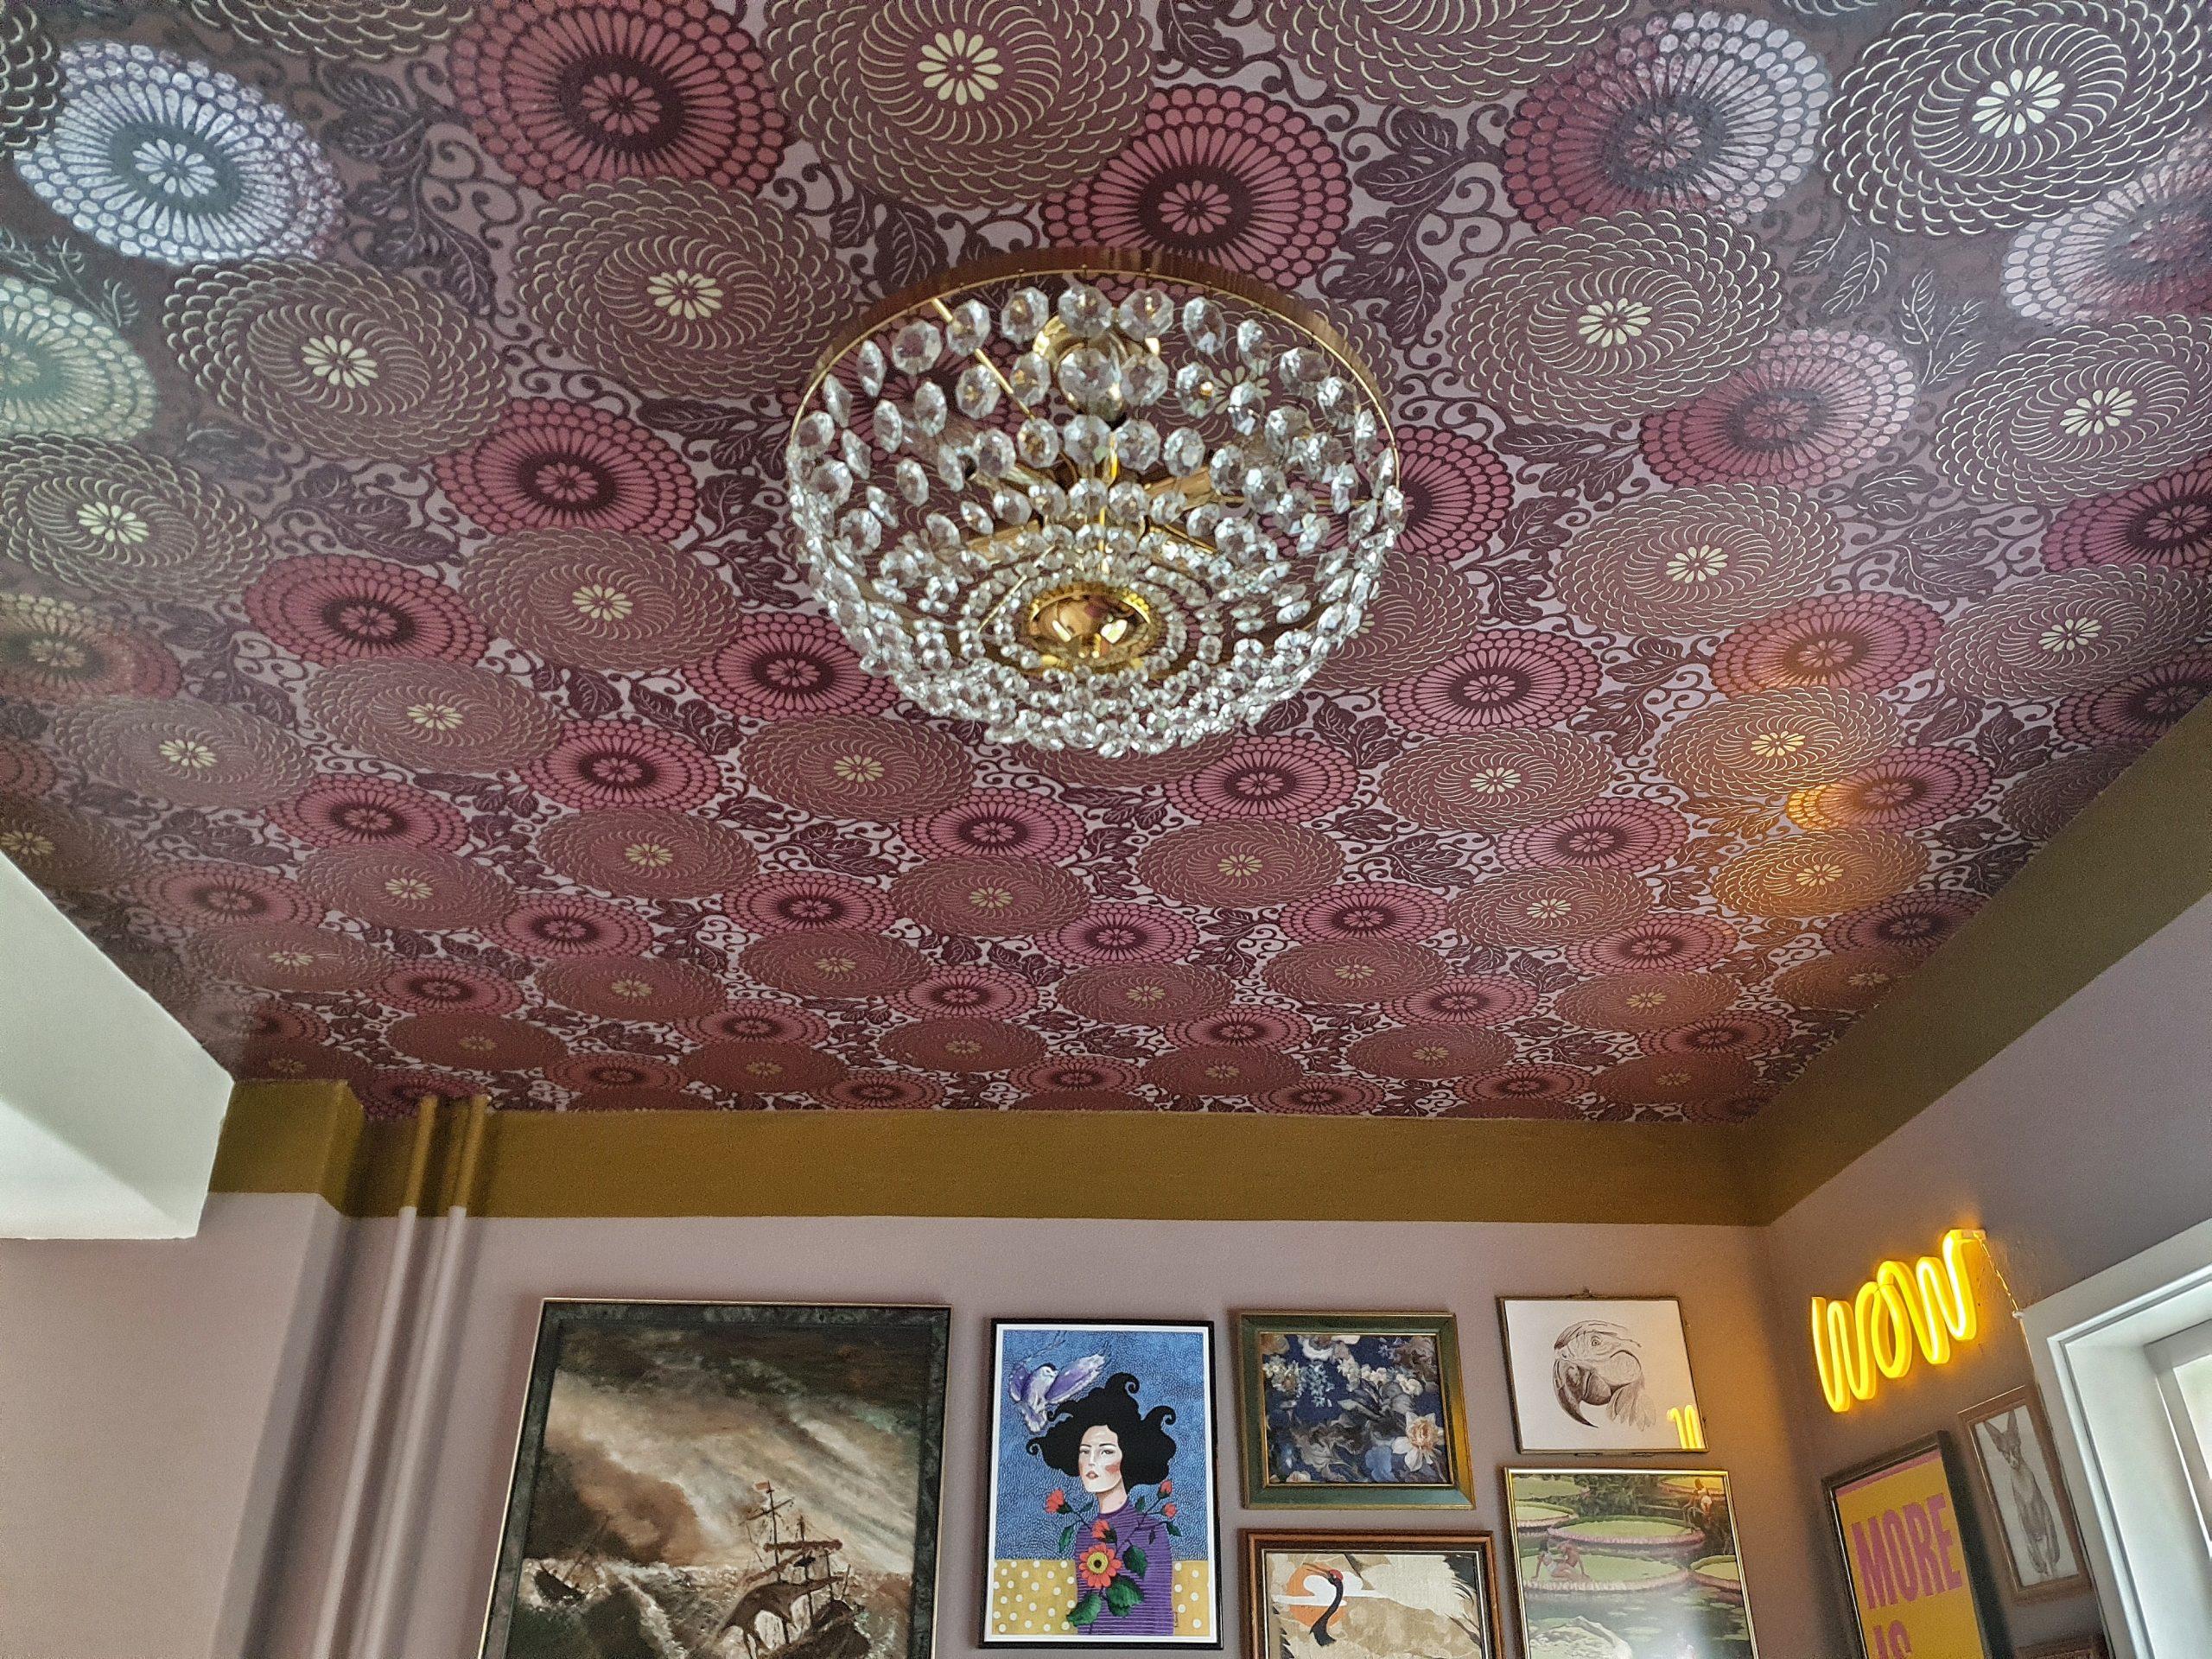 plafond behangen hoe doe je dat?